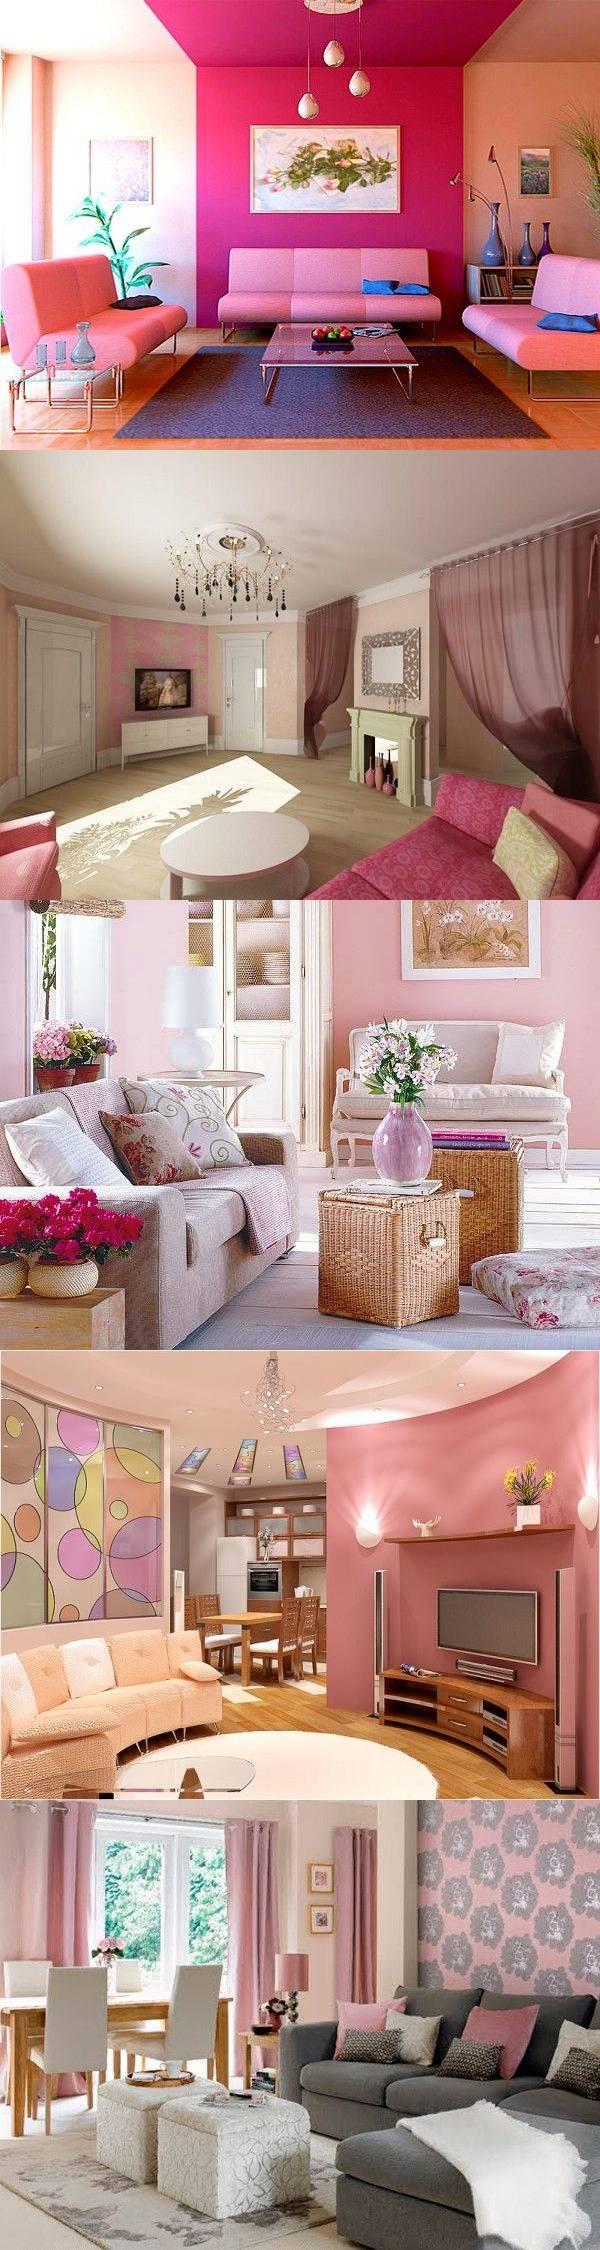 Розовый цвет в интерьере гостиной — 26 идей